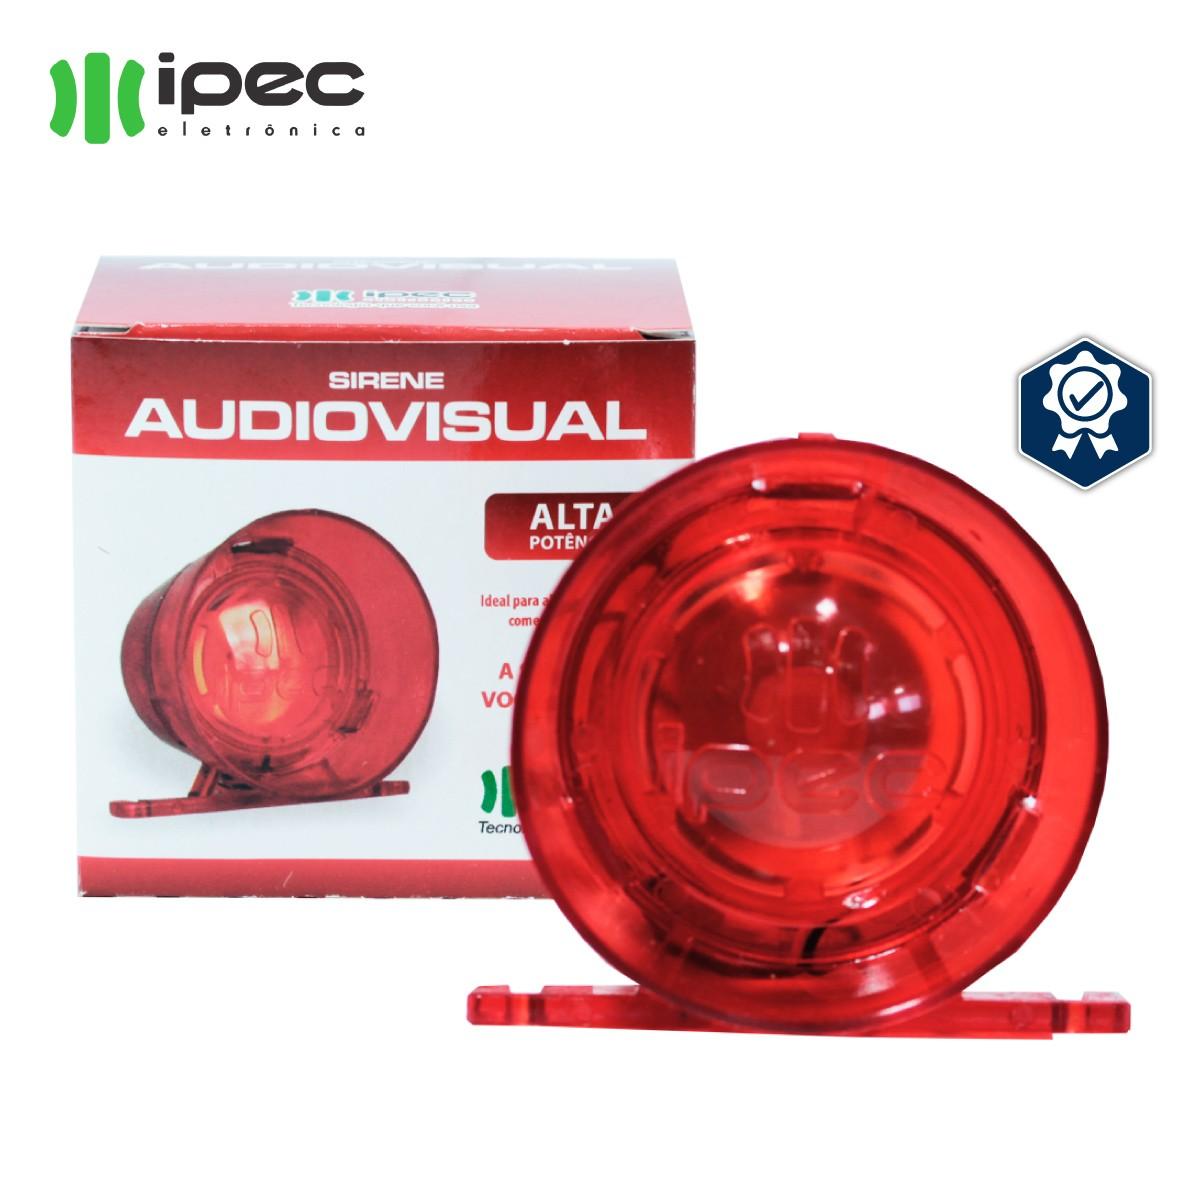 Sirene Para Alarmes Audivisual 12v Com Luz Vermelha Potente ipec